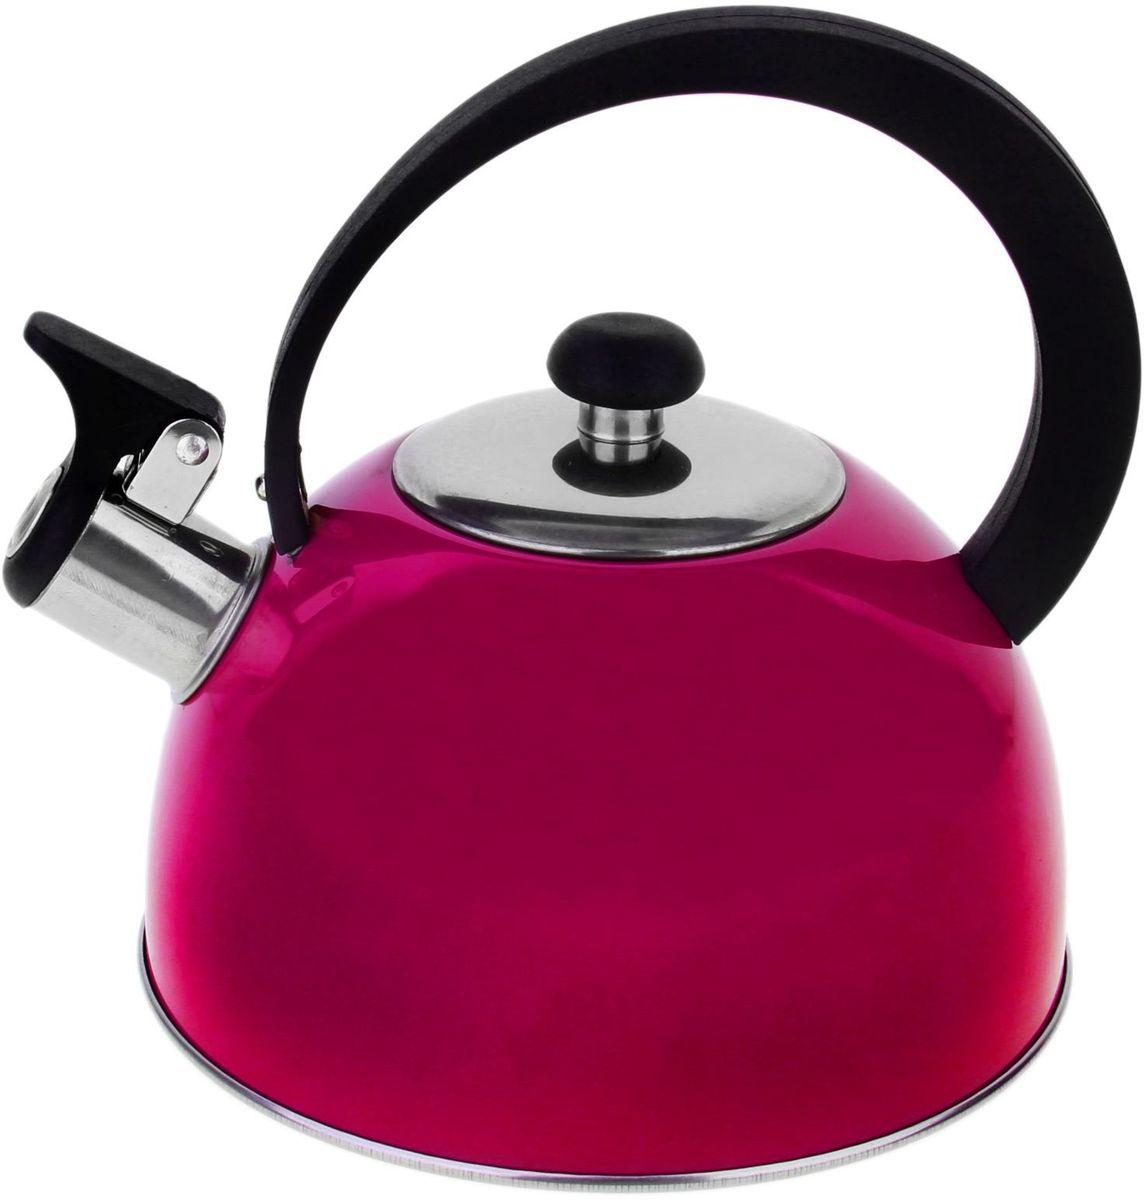 Чайник Доляна Радуга, со свистком, цвет: розовый, 2,1 л863661Бытовая посуда из нержавеющей стали славится неприхотливостью в уходе и безукоризненной функциональностью. Коррозиестойкий сплав обеспечивает гигиеничность изделий. Чайники из этого материала абсолютно безопасны для здоровья человека. Чем привлекательна посуда из нержавейки? Чайник из нержавеющей стали станет удачной находкой для дома или ресторана: благодаря низкой теплопроводности модели вода дольше остается горячей; необычный дизайн радует глаз и поднимает настроение; качественное дно гарантирует быстрый нагрев. Как продлить срок службы? Ухаживать за новым приобретением элементарно просто, но стоит помнить о нескольких нехитрых правилах. Во-первых, не следует применять абразивные инструменты и сильнохлорированные моющие средства. Во-вторых, не оставляйте пустую посуду на плите. В-третьих, если вы уезжаете из дома на длительное время - выливайте воду из чайника. Если на внутренней поверхности изделия появились пятна, используйте для их удаления несколько капель уксусной или лимонной...